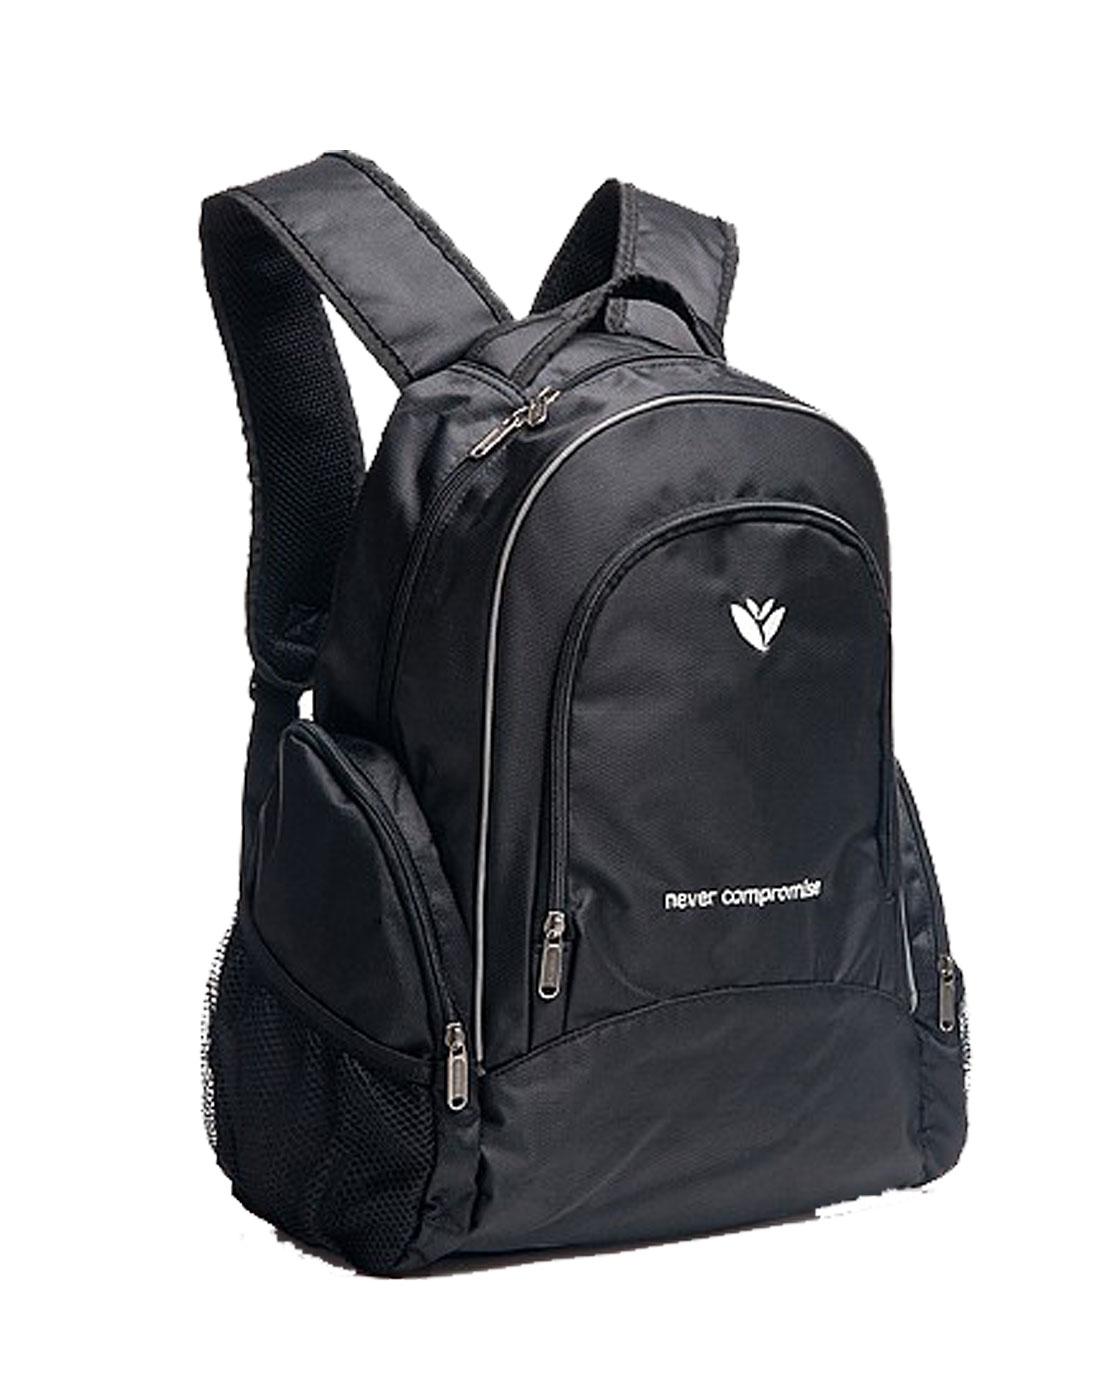 黑色布纹休闲双肩背包图片